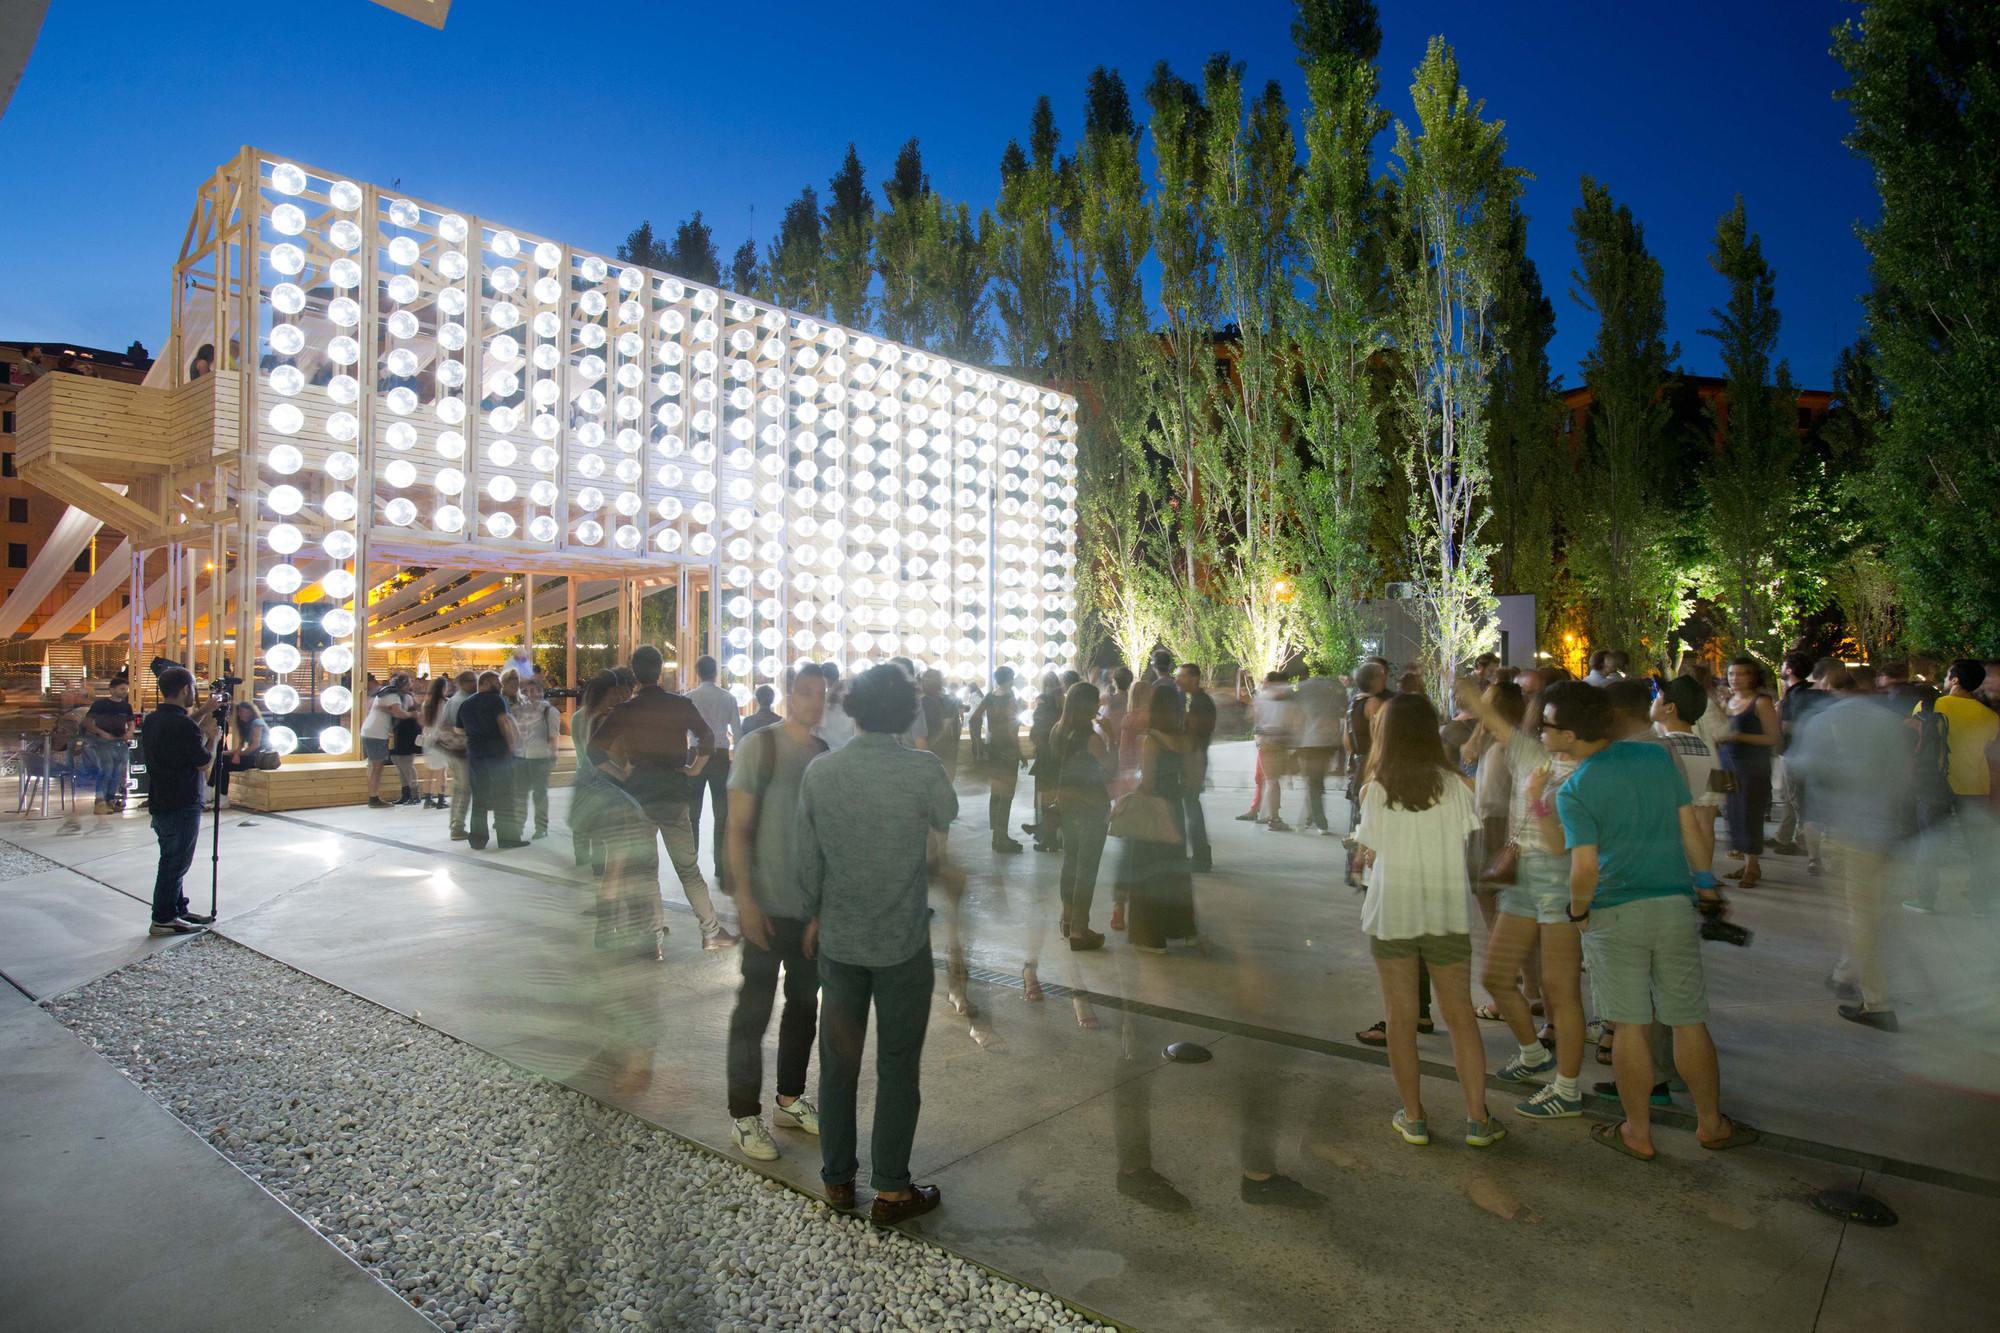 Orizzontale ilumina un teatro al aire libre con una pared de barriles reciclados en el MAXXI, © Musacchio Ianniello, cortesía de Fondazione MAXXI